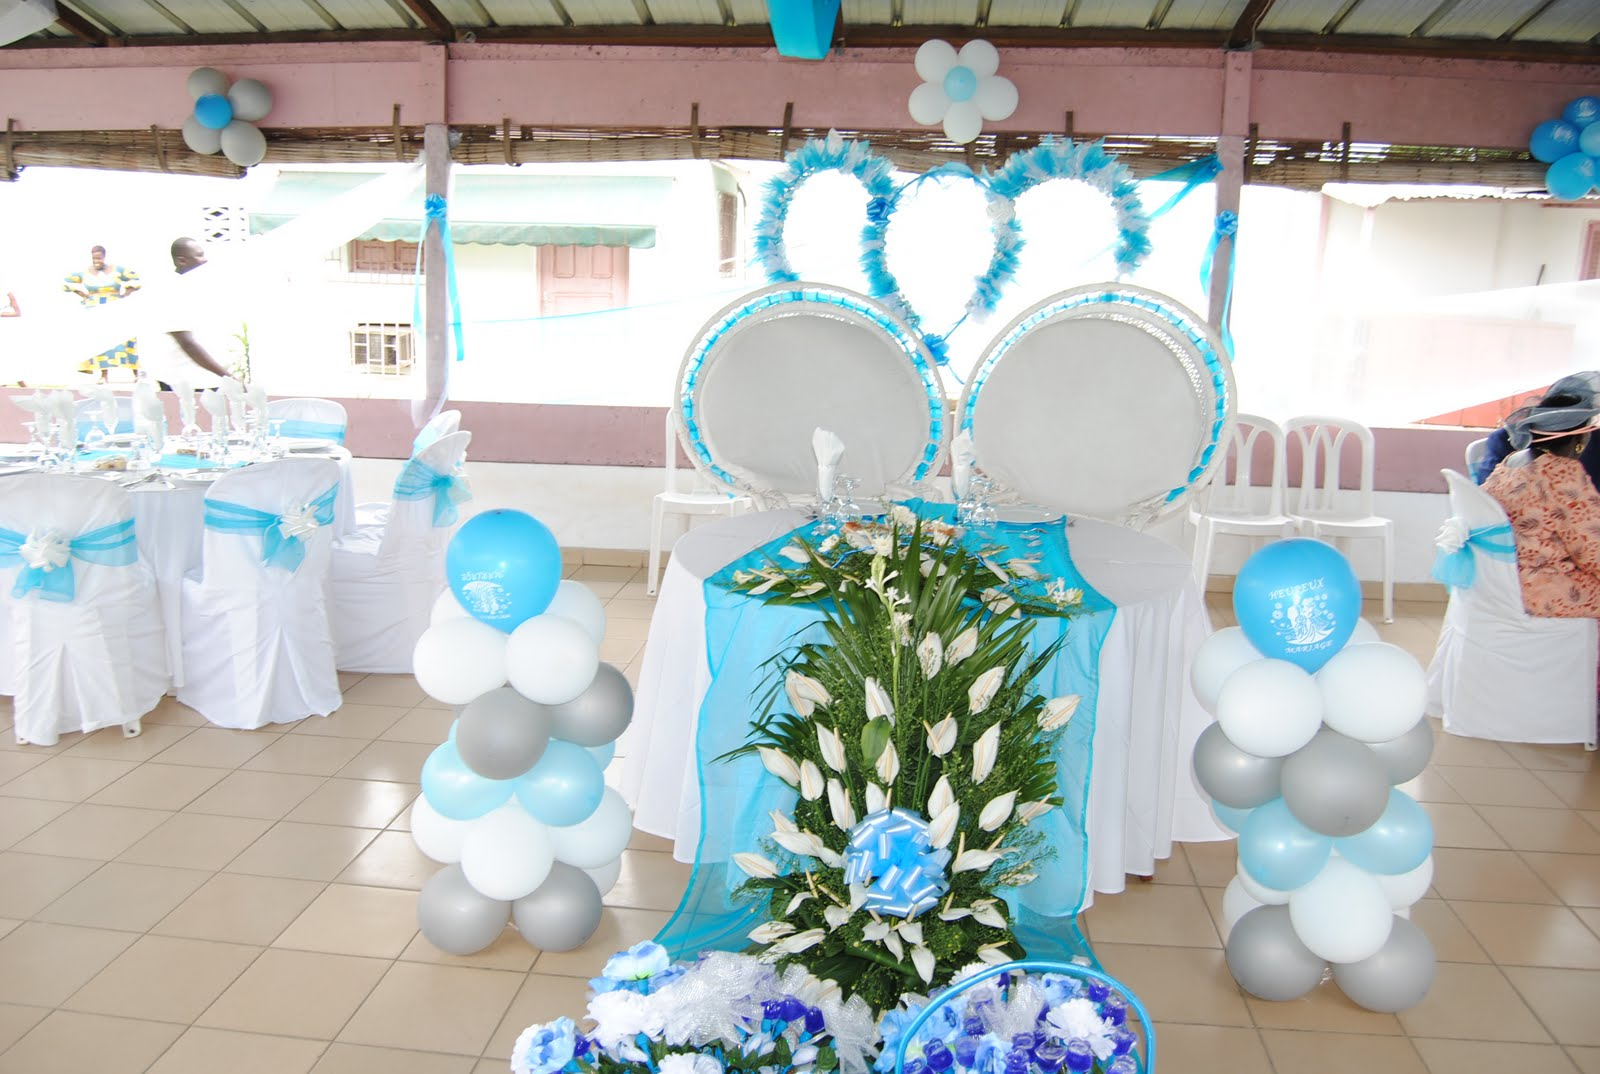 Images Decoration De Voiture A Abidjan : Decoration mariage traditionnel ivoirien idées et d